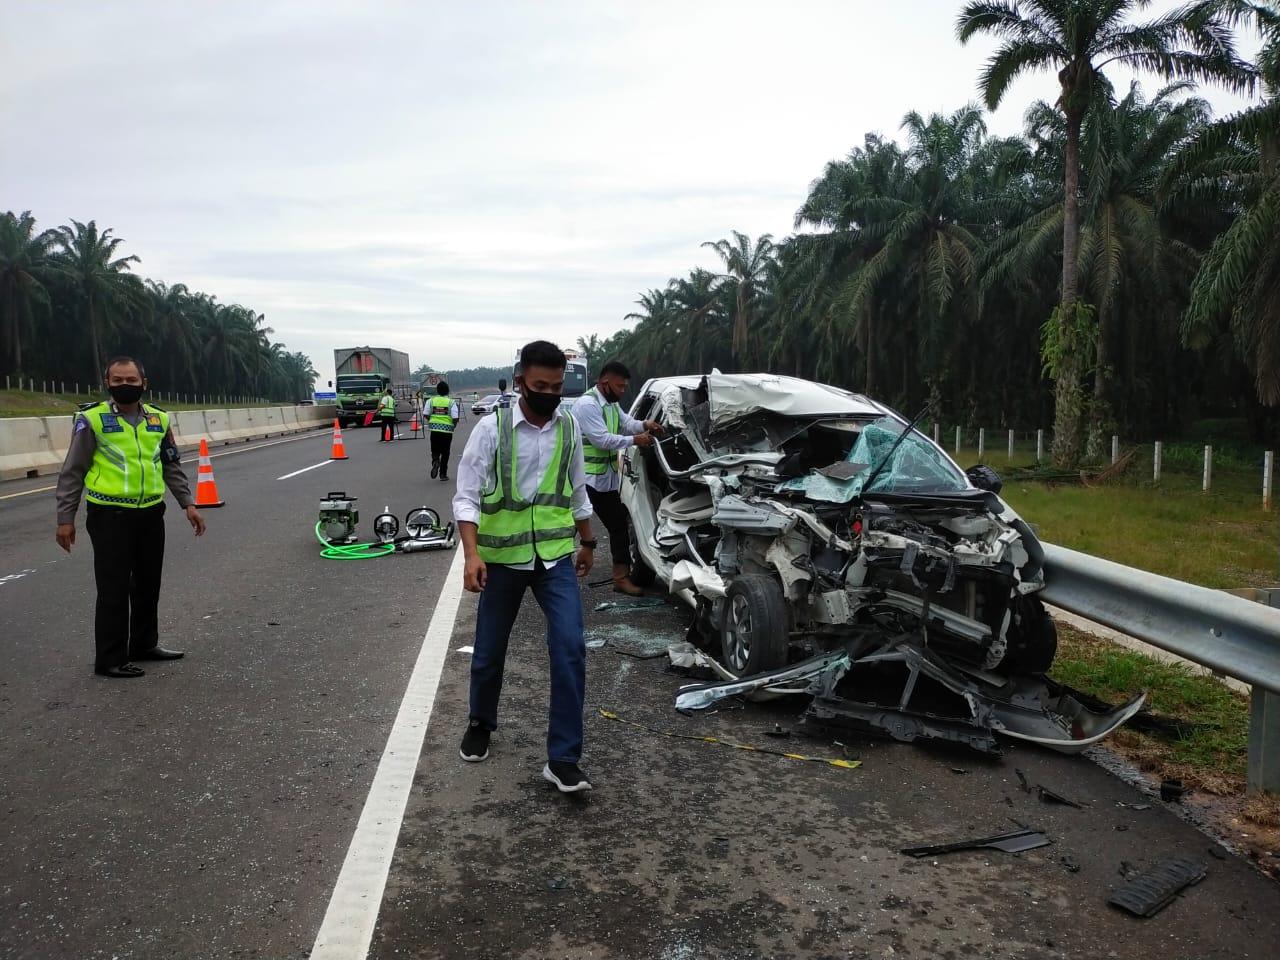 Hampir Sebulan Beroperasi, Sudah 9 Kali Kecelakaan di Tol Permai